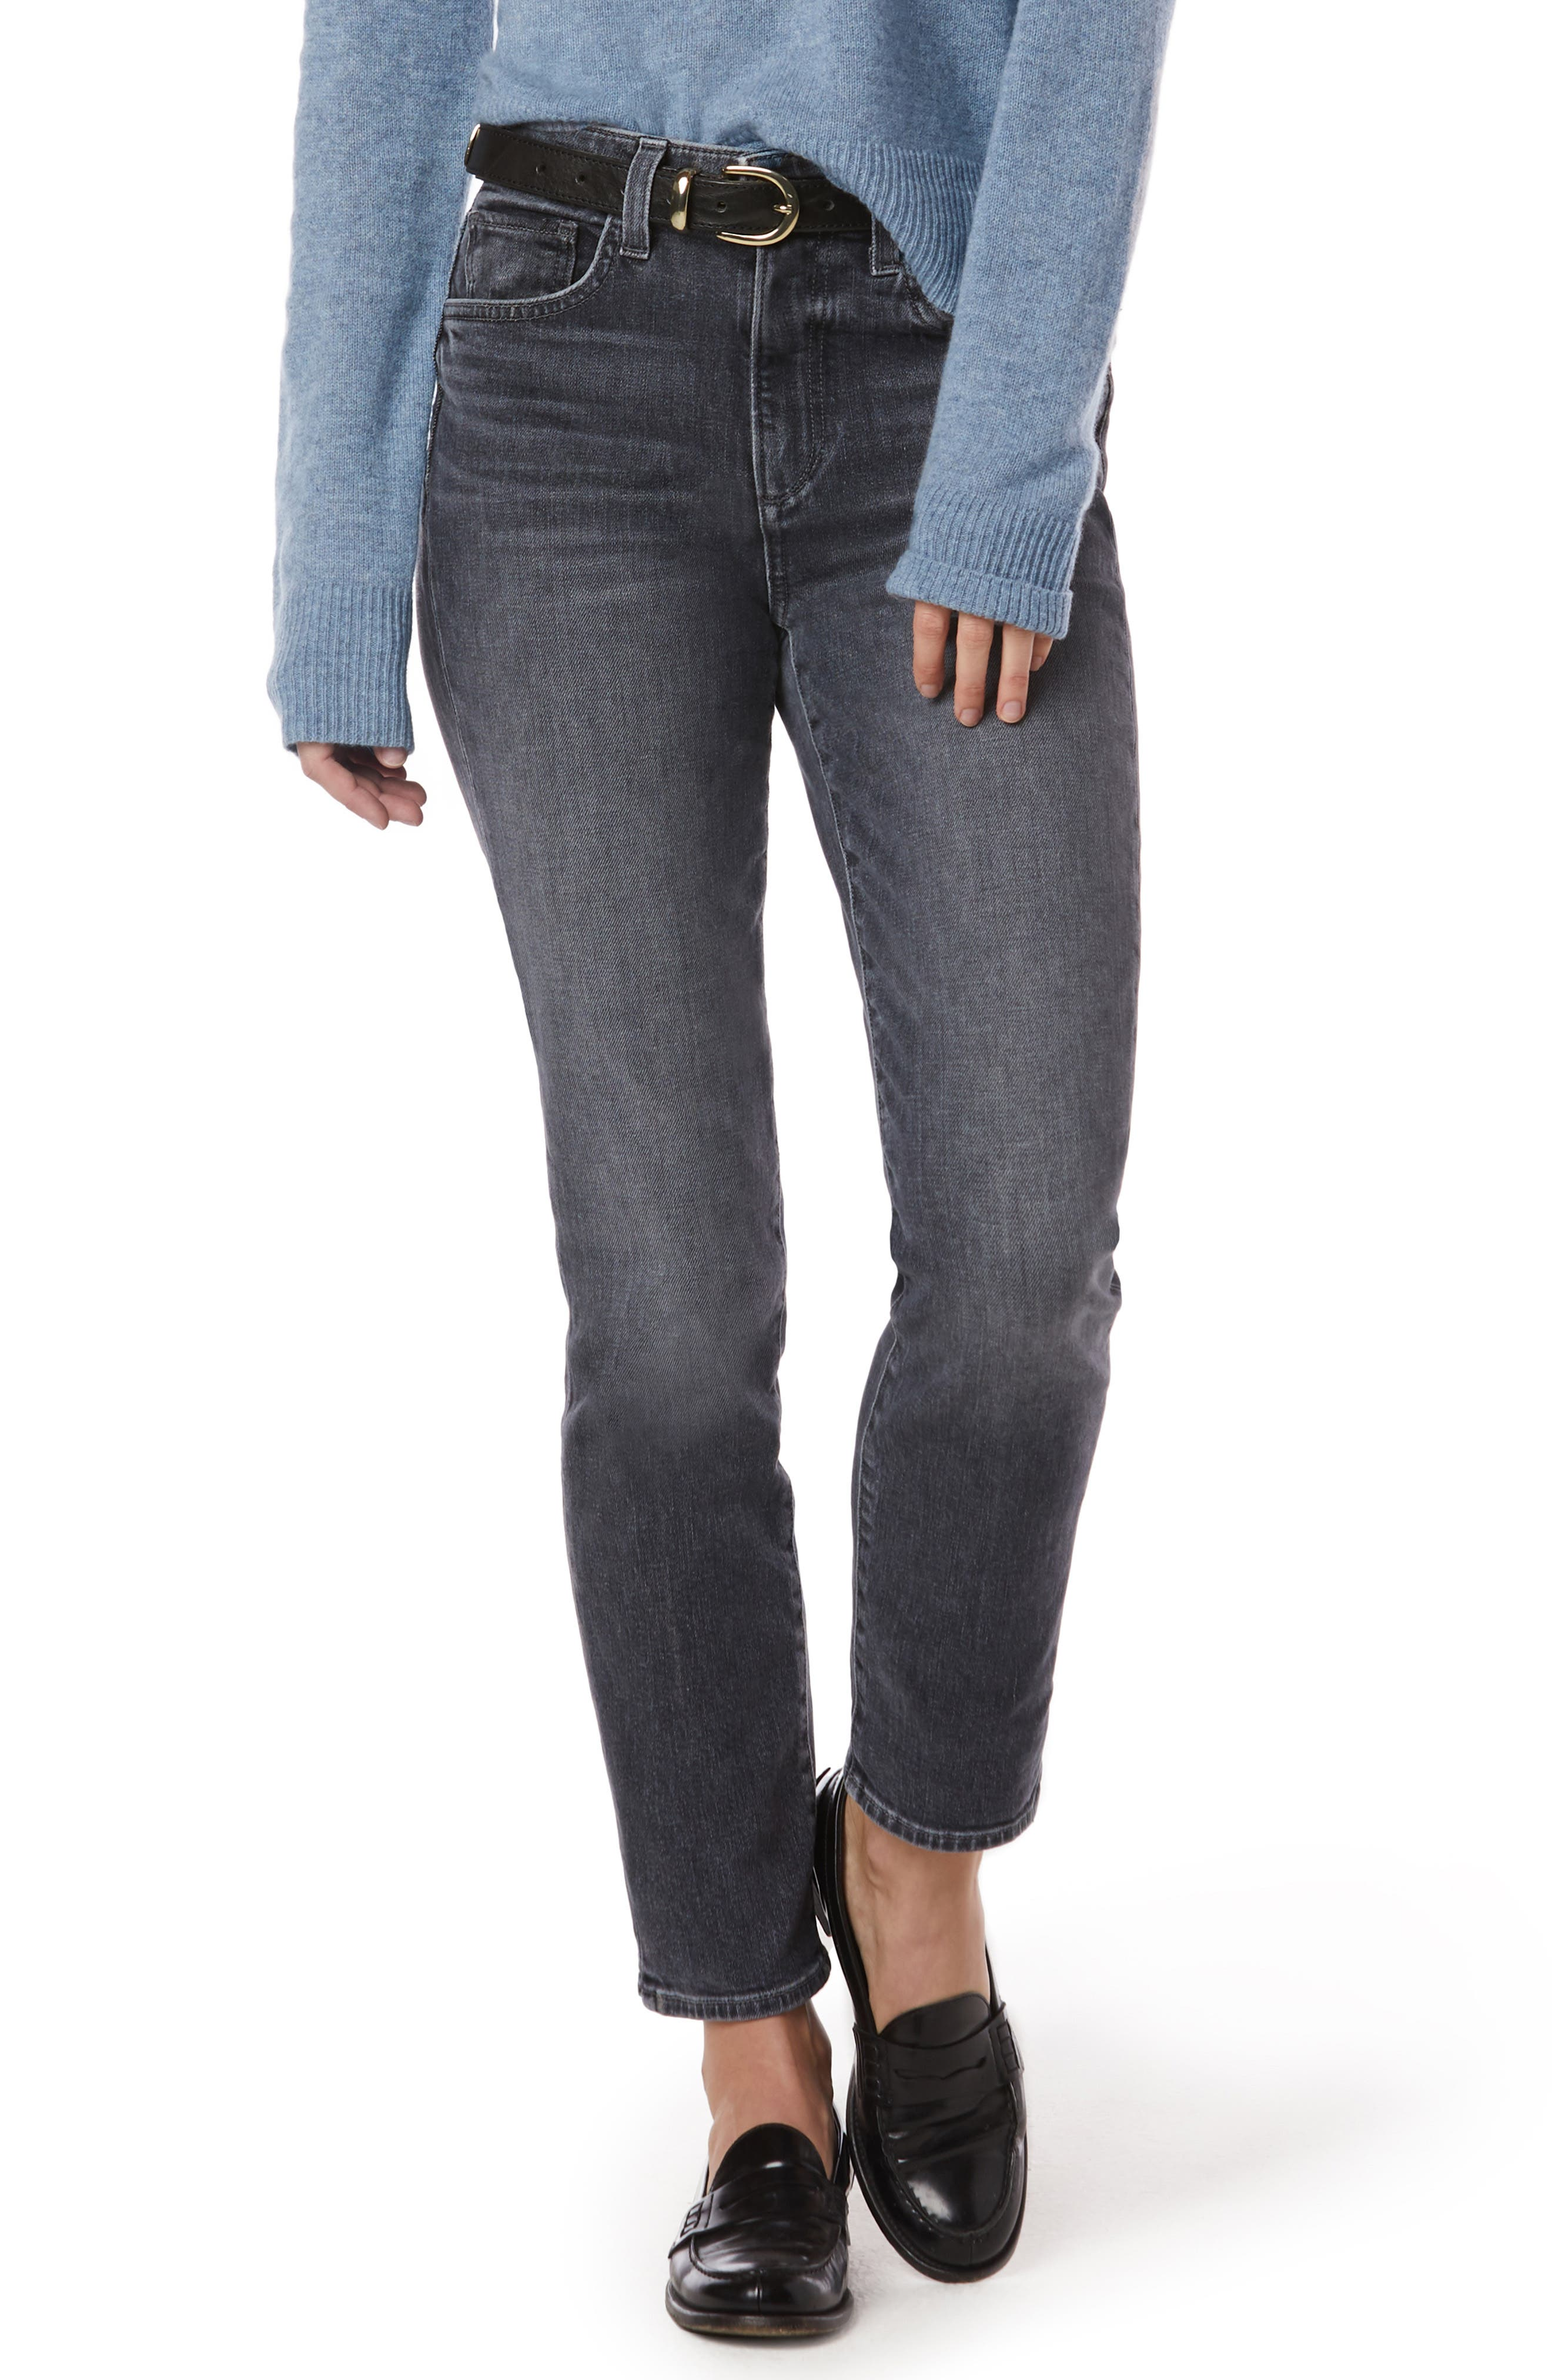 The Erin High Waist Ankle Straight Leg Jeans